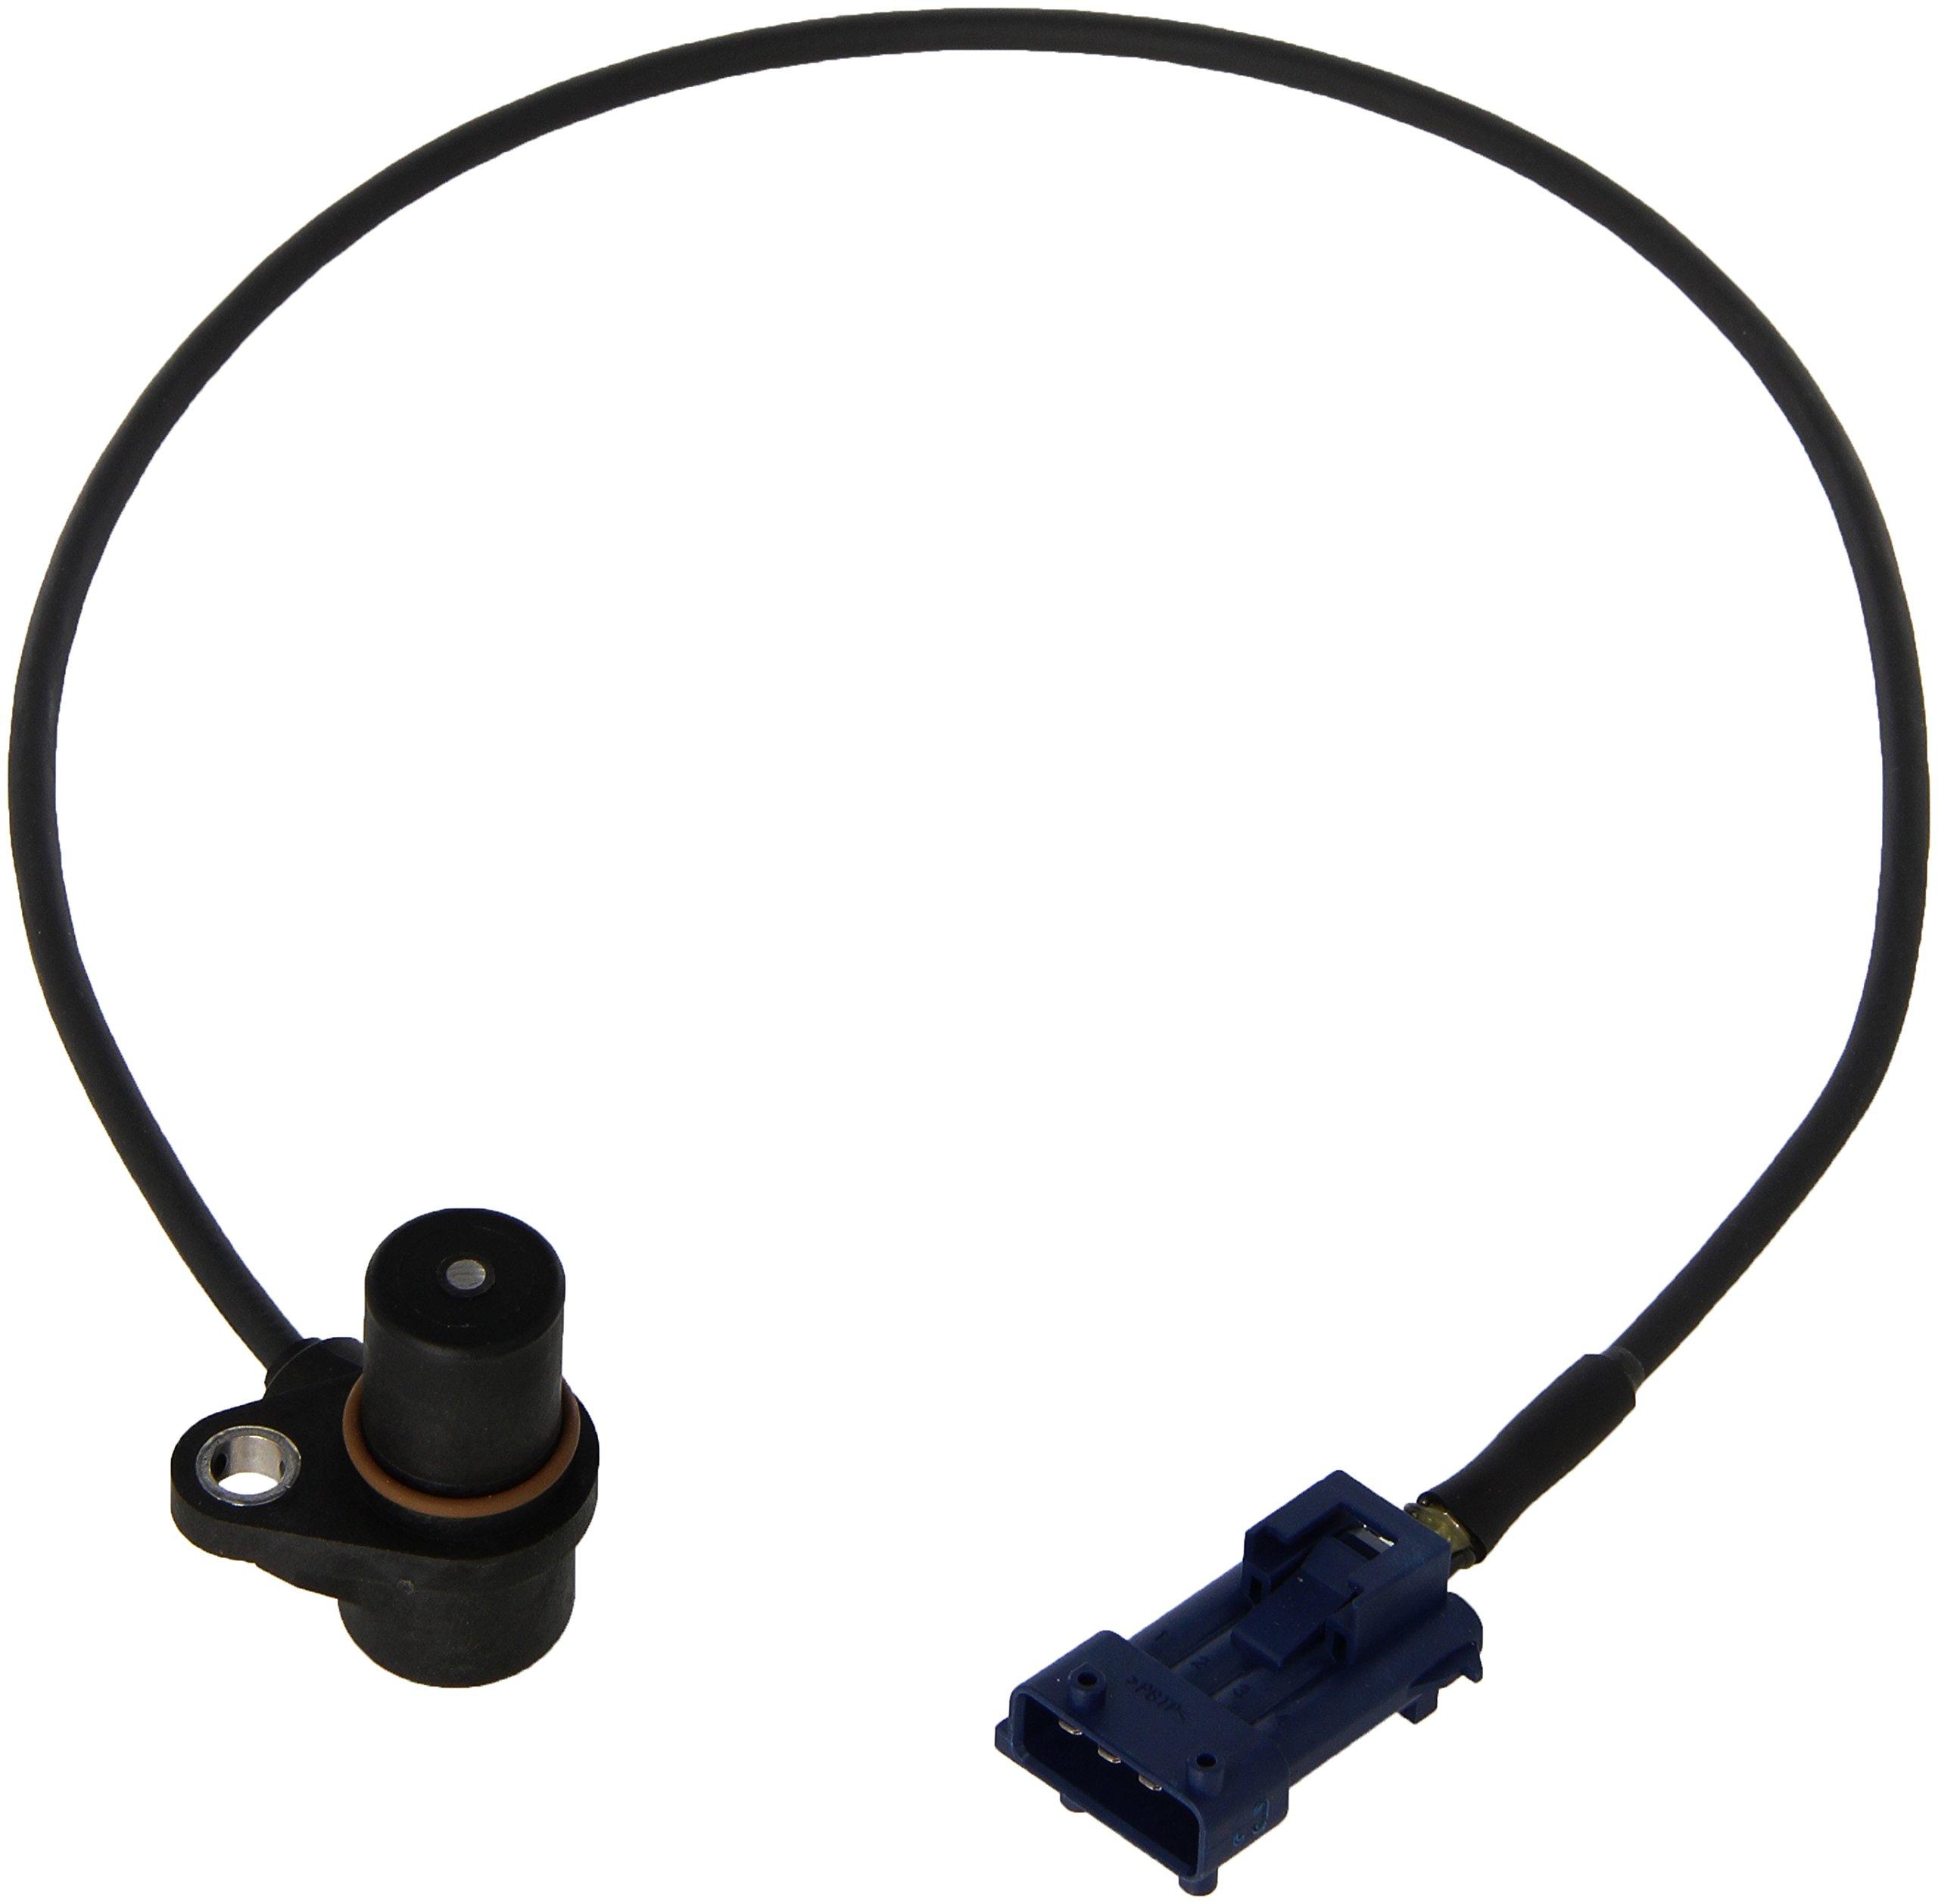 Bosch Original Equipment 0261210269 Crankshaft Position Sensor by Bosch